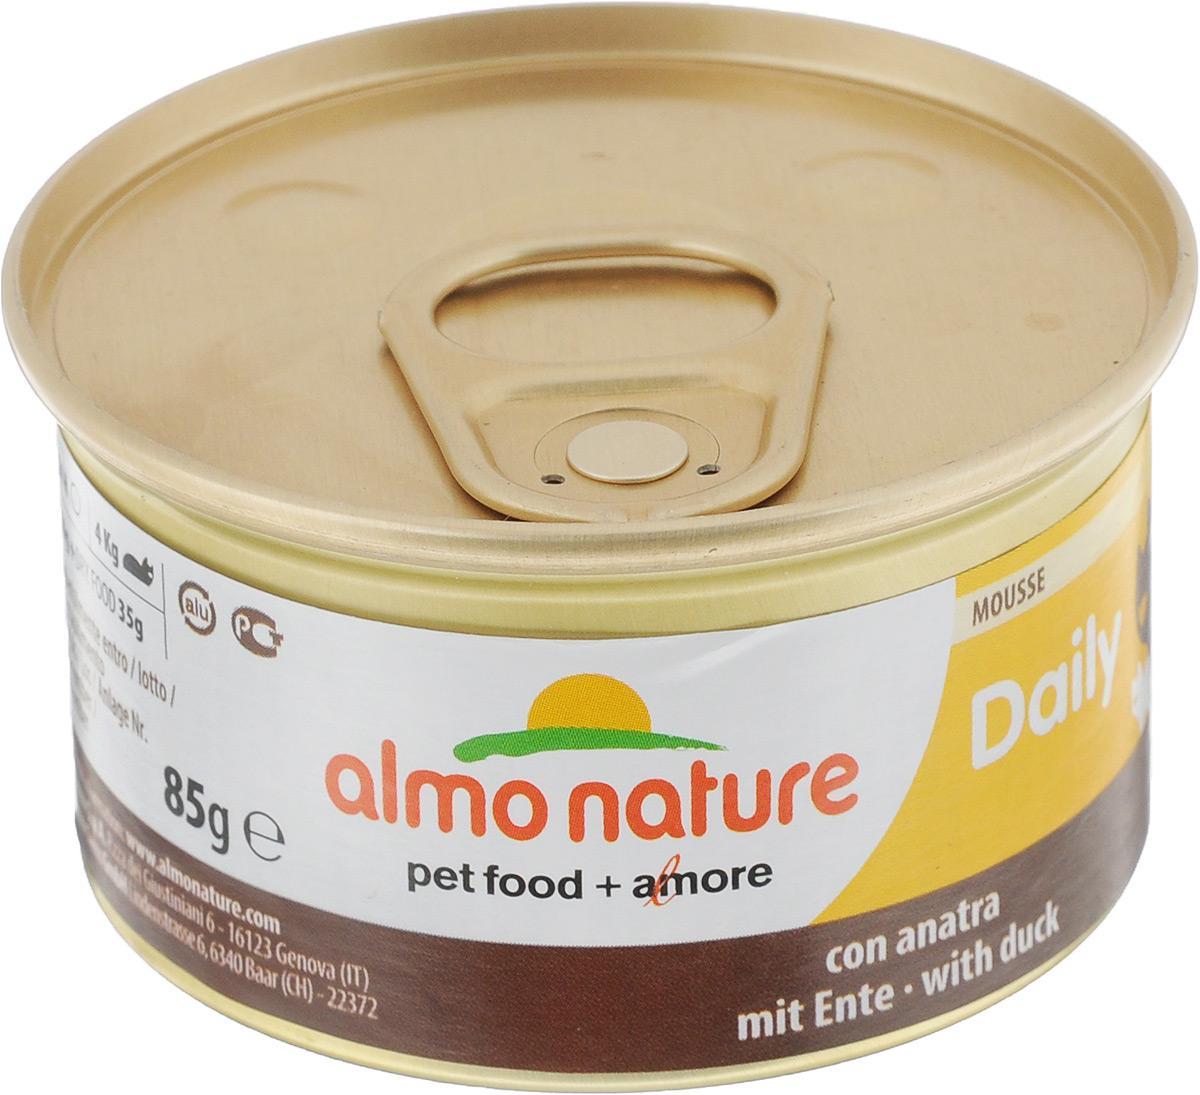 Консервы для кошек Almo Nature, нежный мусс с уткой, 85 г20347Консервы для кошек Almo Nature сохраняют свежесть каждого кусочка. Корм изготовлен только из свежих высококачественных натуральных ингредиентов, что обеспечивает здоровье вашей кошки. Не содержит ГМО, антибиотиков, химических добавок, консервантов и красителей.Состав: мясо и его производные (утка 4%), минералы, экстракт растительных волокон. Добавки: витамин A 1110 IU/кг, витамин D3 140 IU/кг, витамин E 10 мг/кг, таурин 490 мг/кг, сульфат меди пентагидрат 4,4 мг/кг (Cu 1.1 мг/кг).Технологические добавки: камедь кассии 3000 мг/кг. Пищевая ценность: белки 9,5%, клетчатка 0,4%, масла и жиры 6%, зола 2%, влажность 81%.Калорийность: 881 килокалорий/кг. Товар сертифицирован.